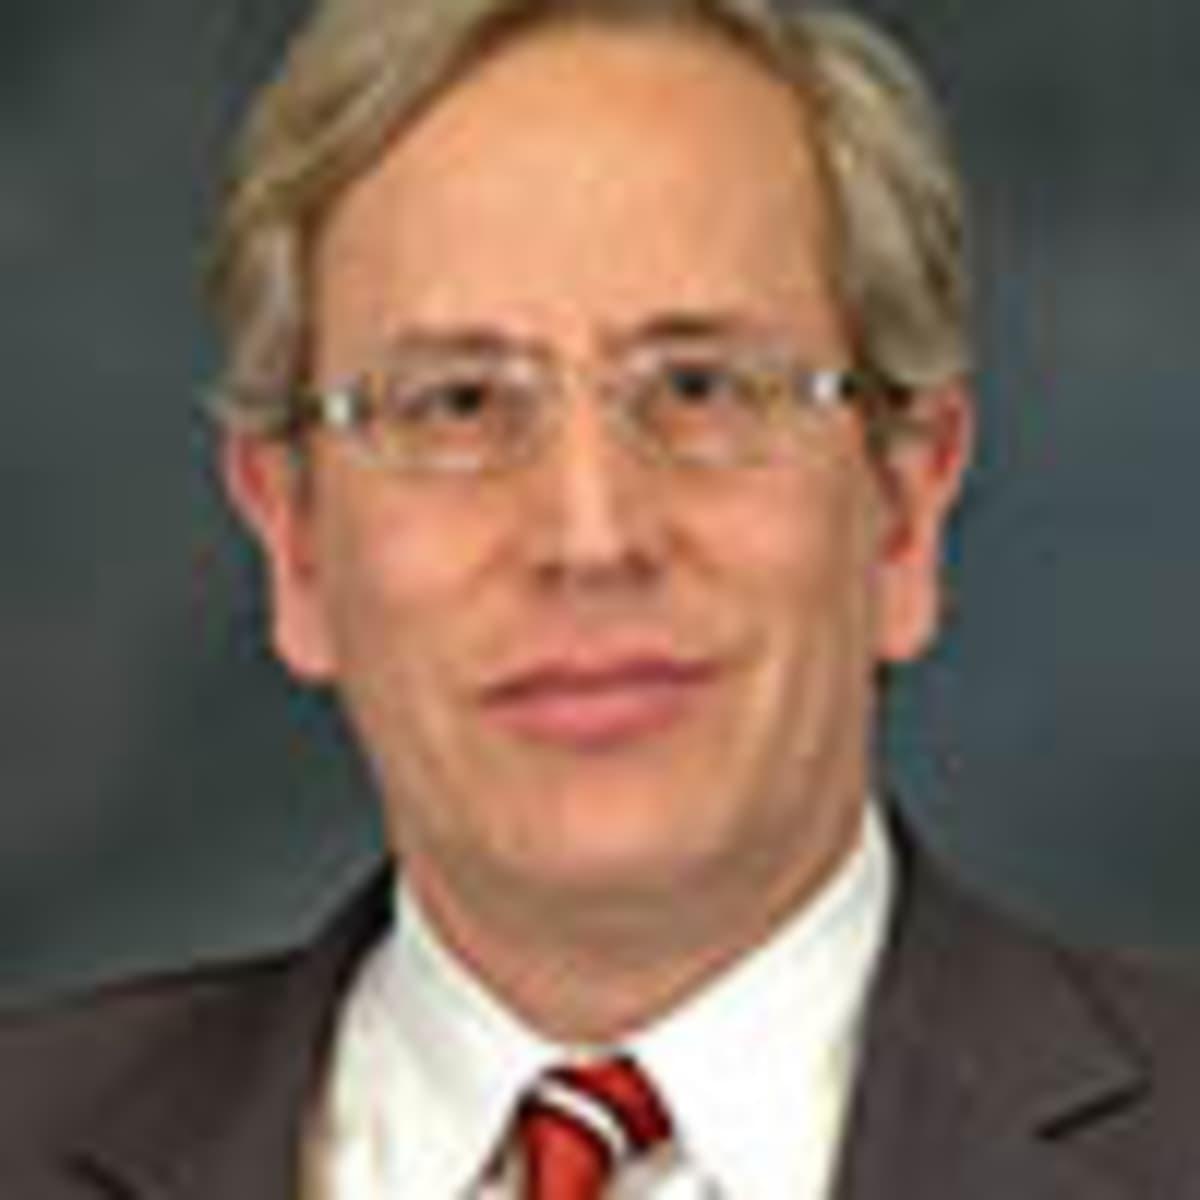 dr andrea duchini md galveston tx gastroenterologist